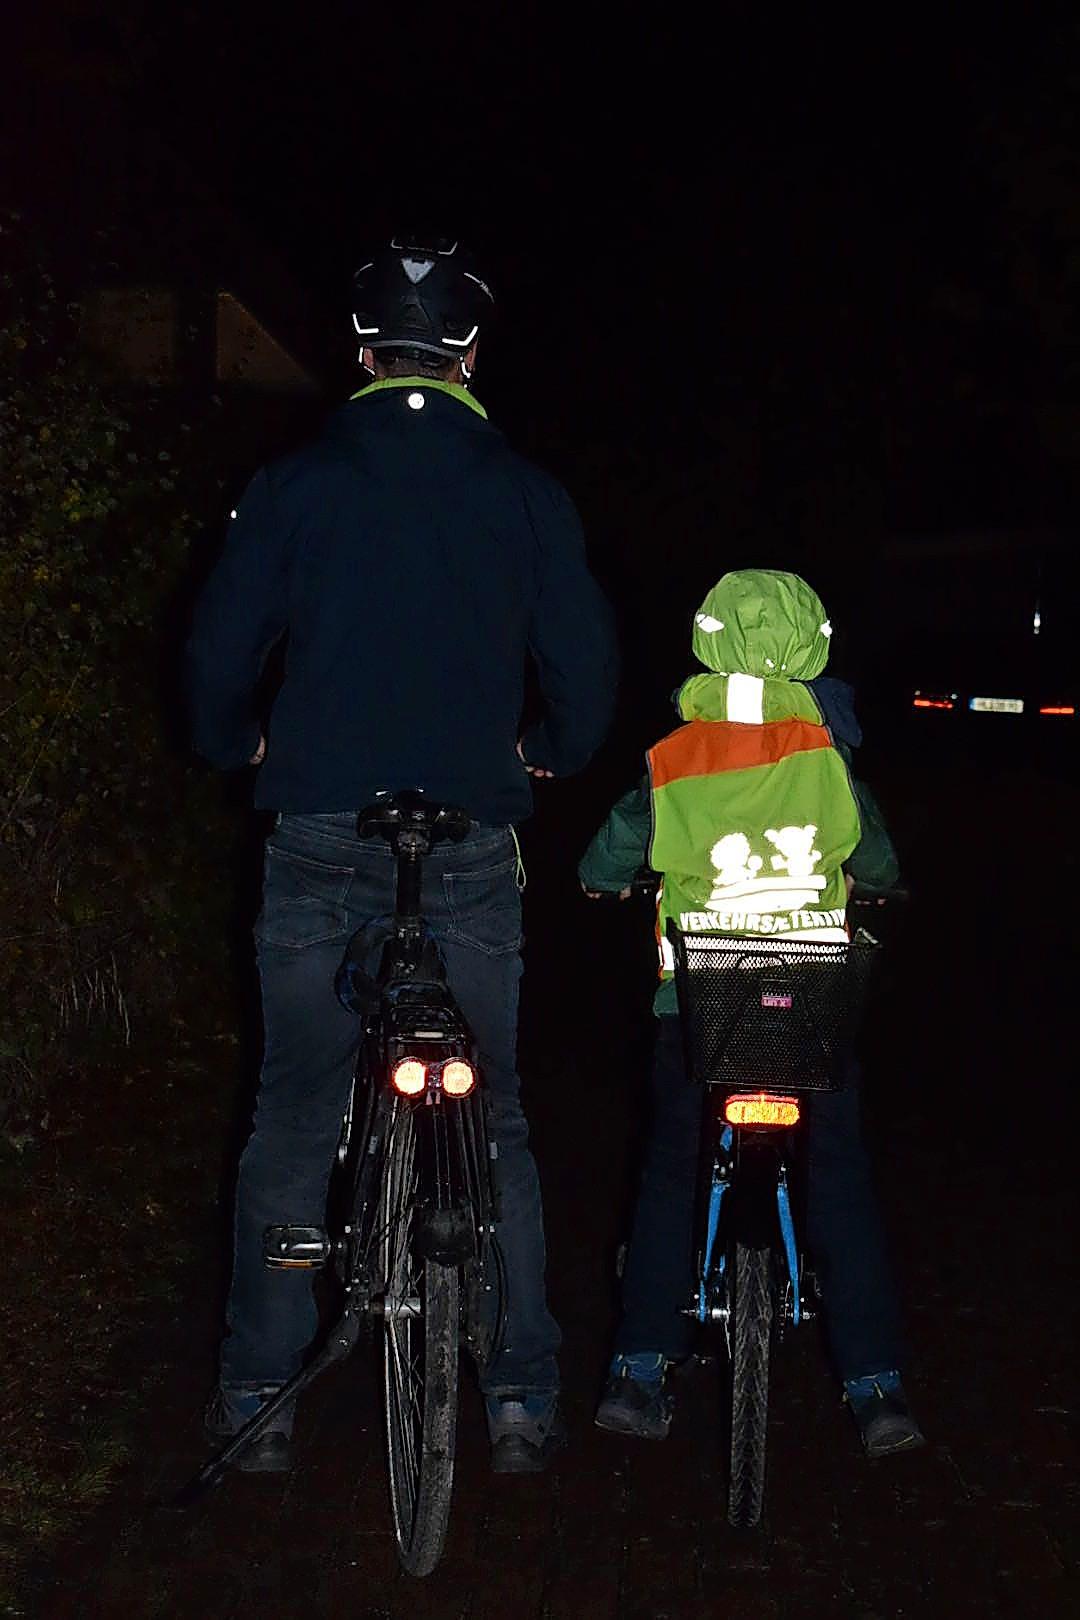 Im Herbst erhöht sich die Gefahr, im Lübecker Straßenverkehr als Radfahrer schlechter erkannt zu werden. Sicherheit ist besonders wichtig.